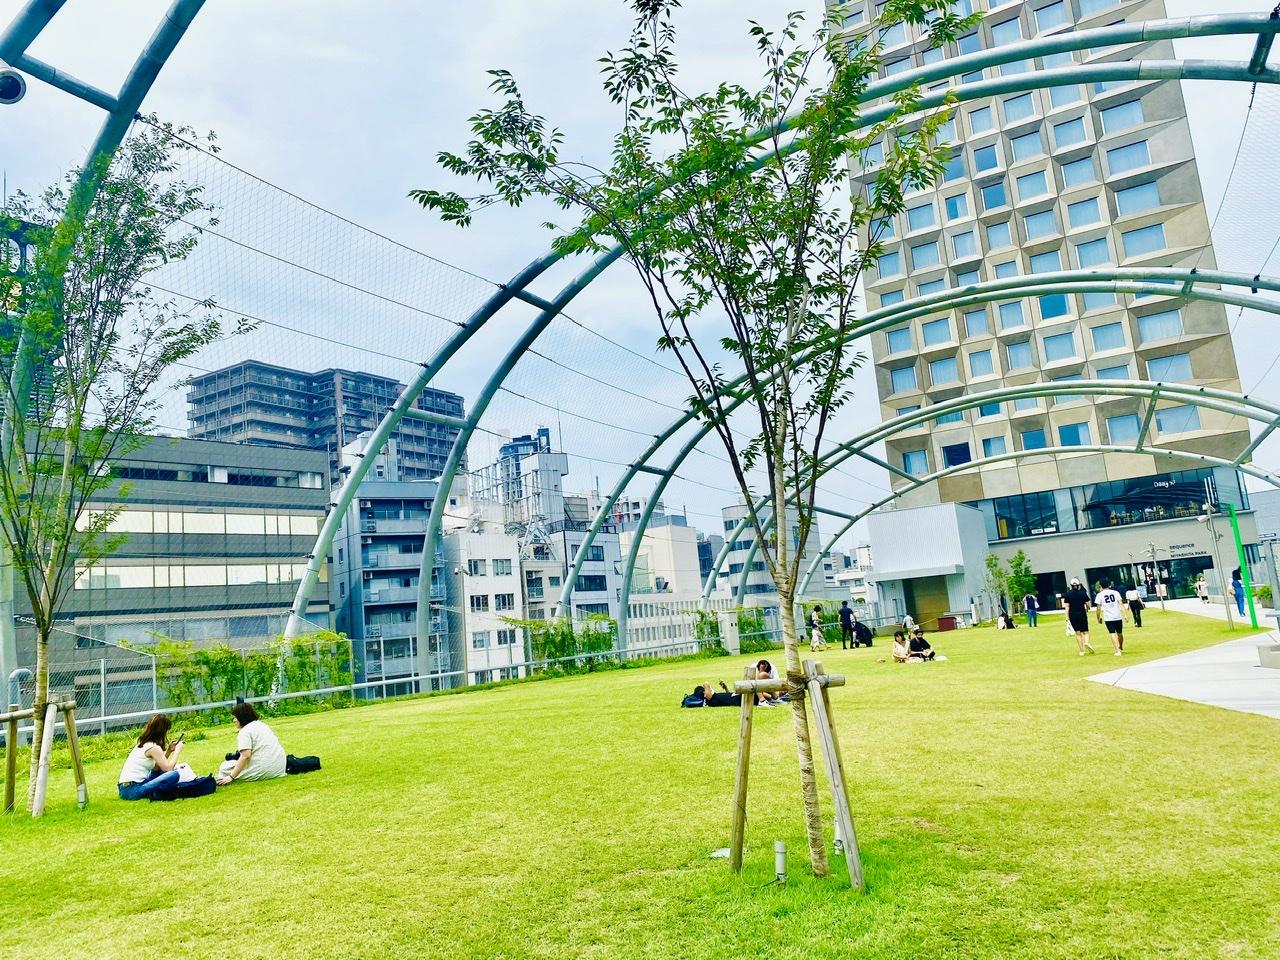 【夏のおでかけ】渋谷に新スポット登場!今話題の《ミヤシタパーク》潜入レポ★_7